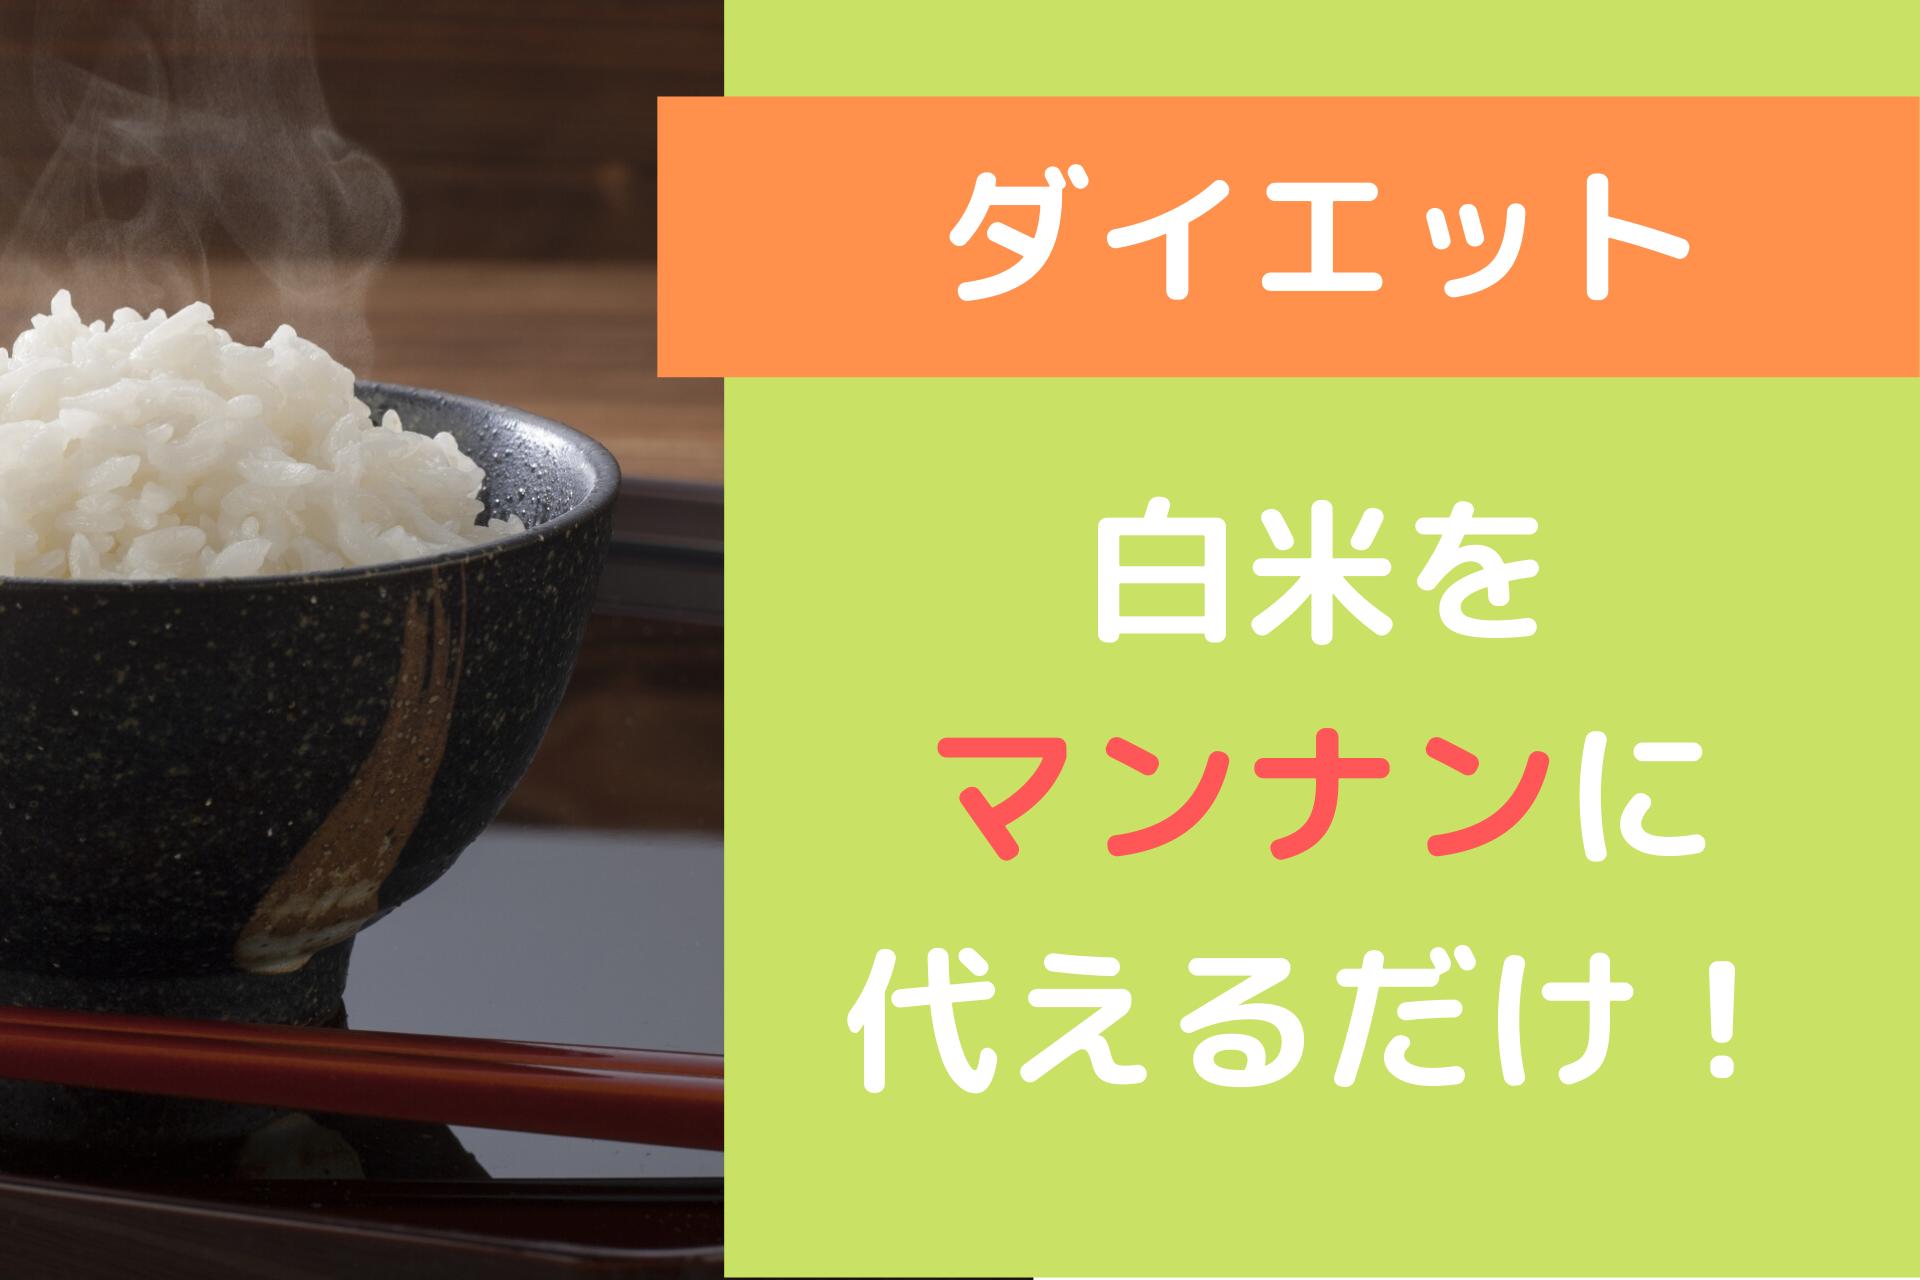 白米をマンナンに代えるダイエット